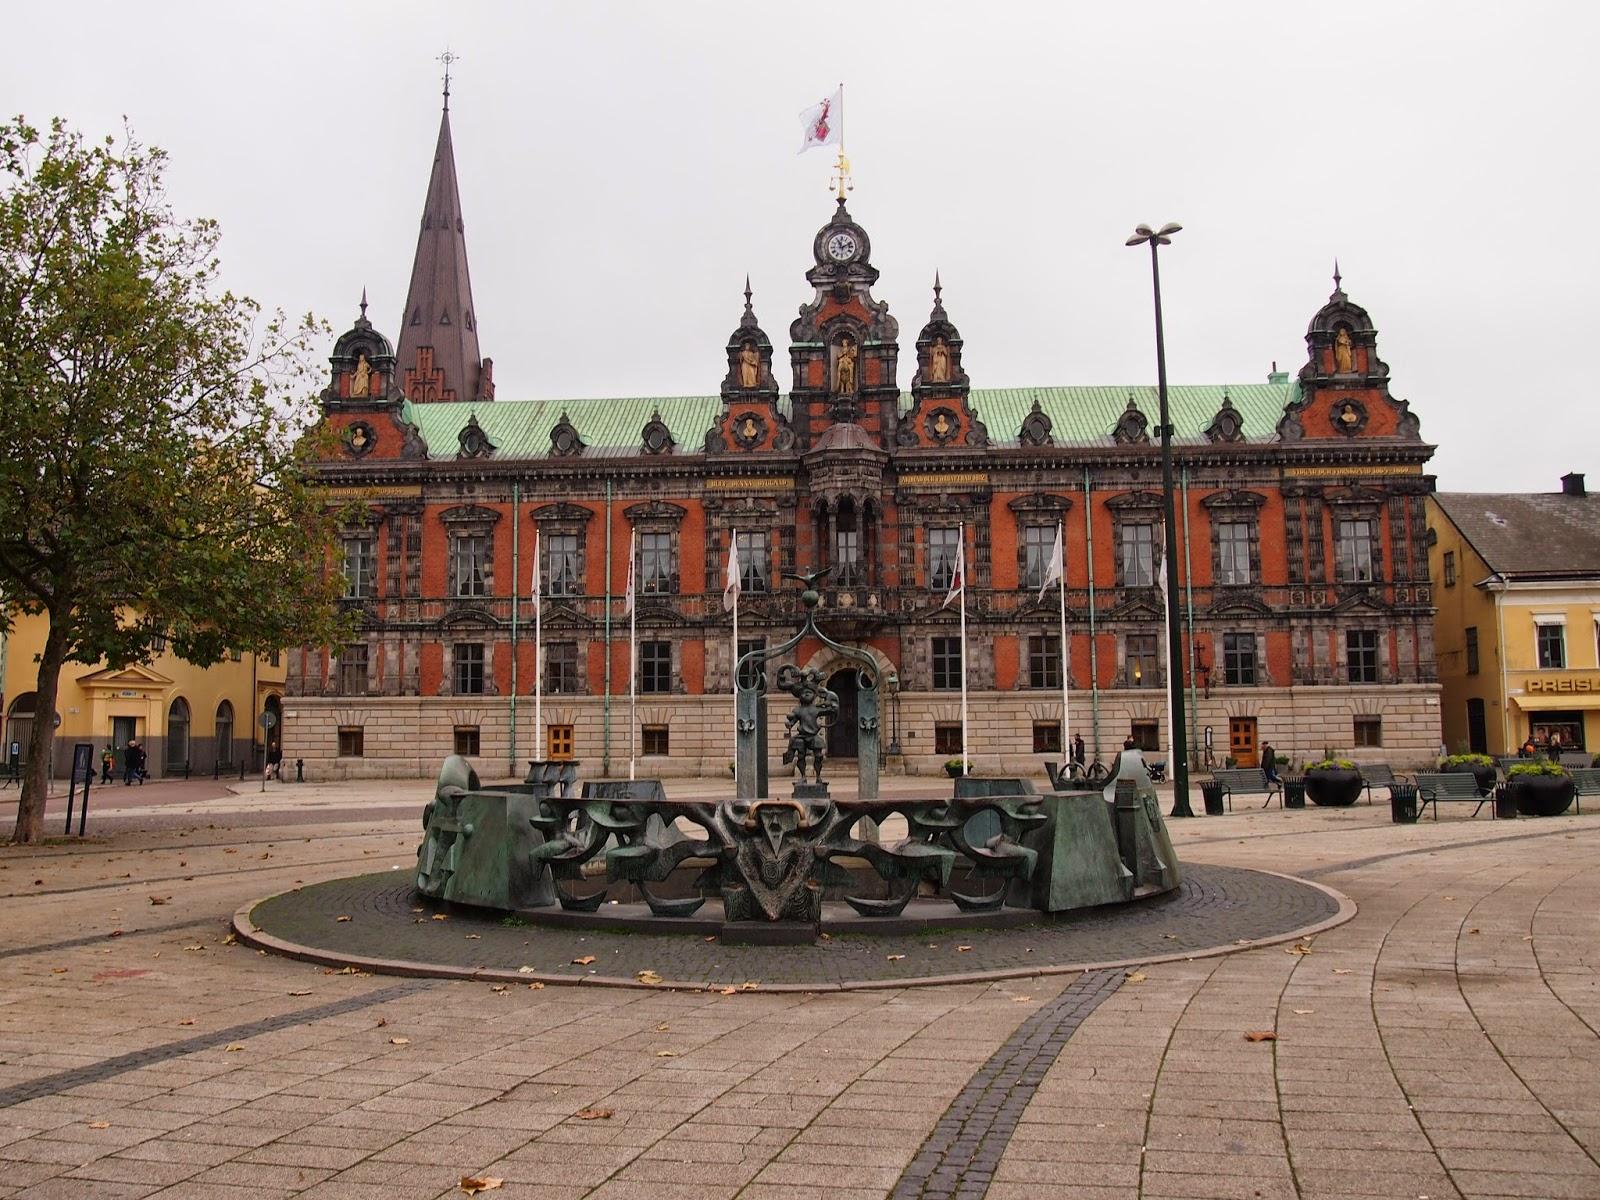 The Malmo City Hall